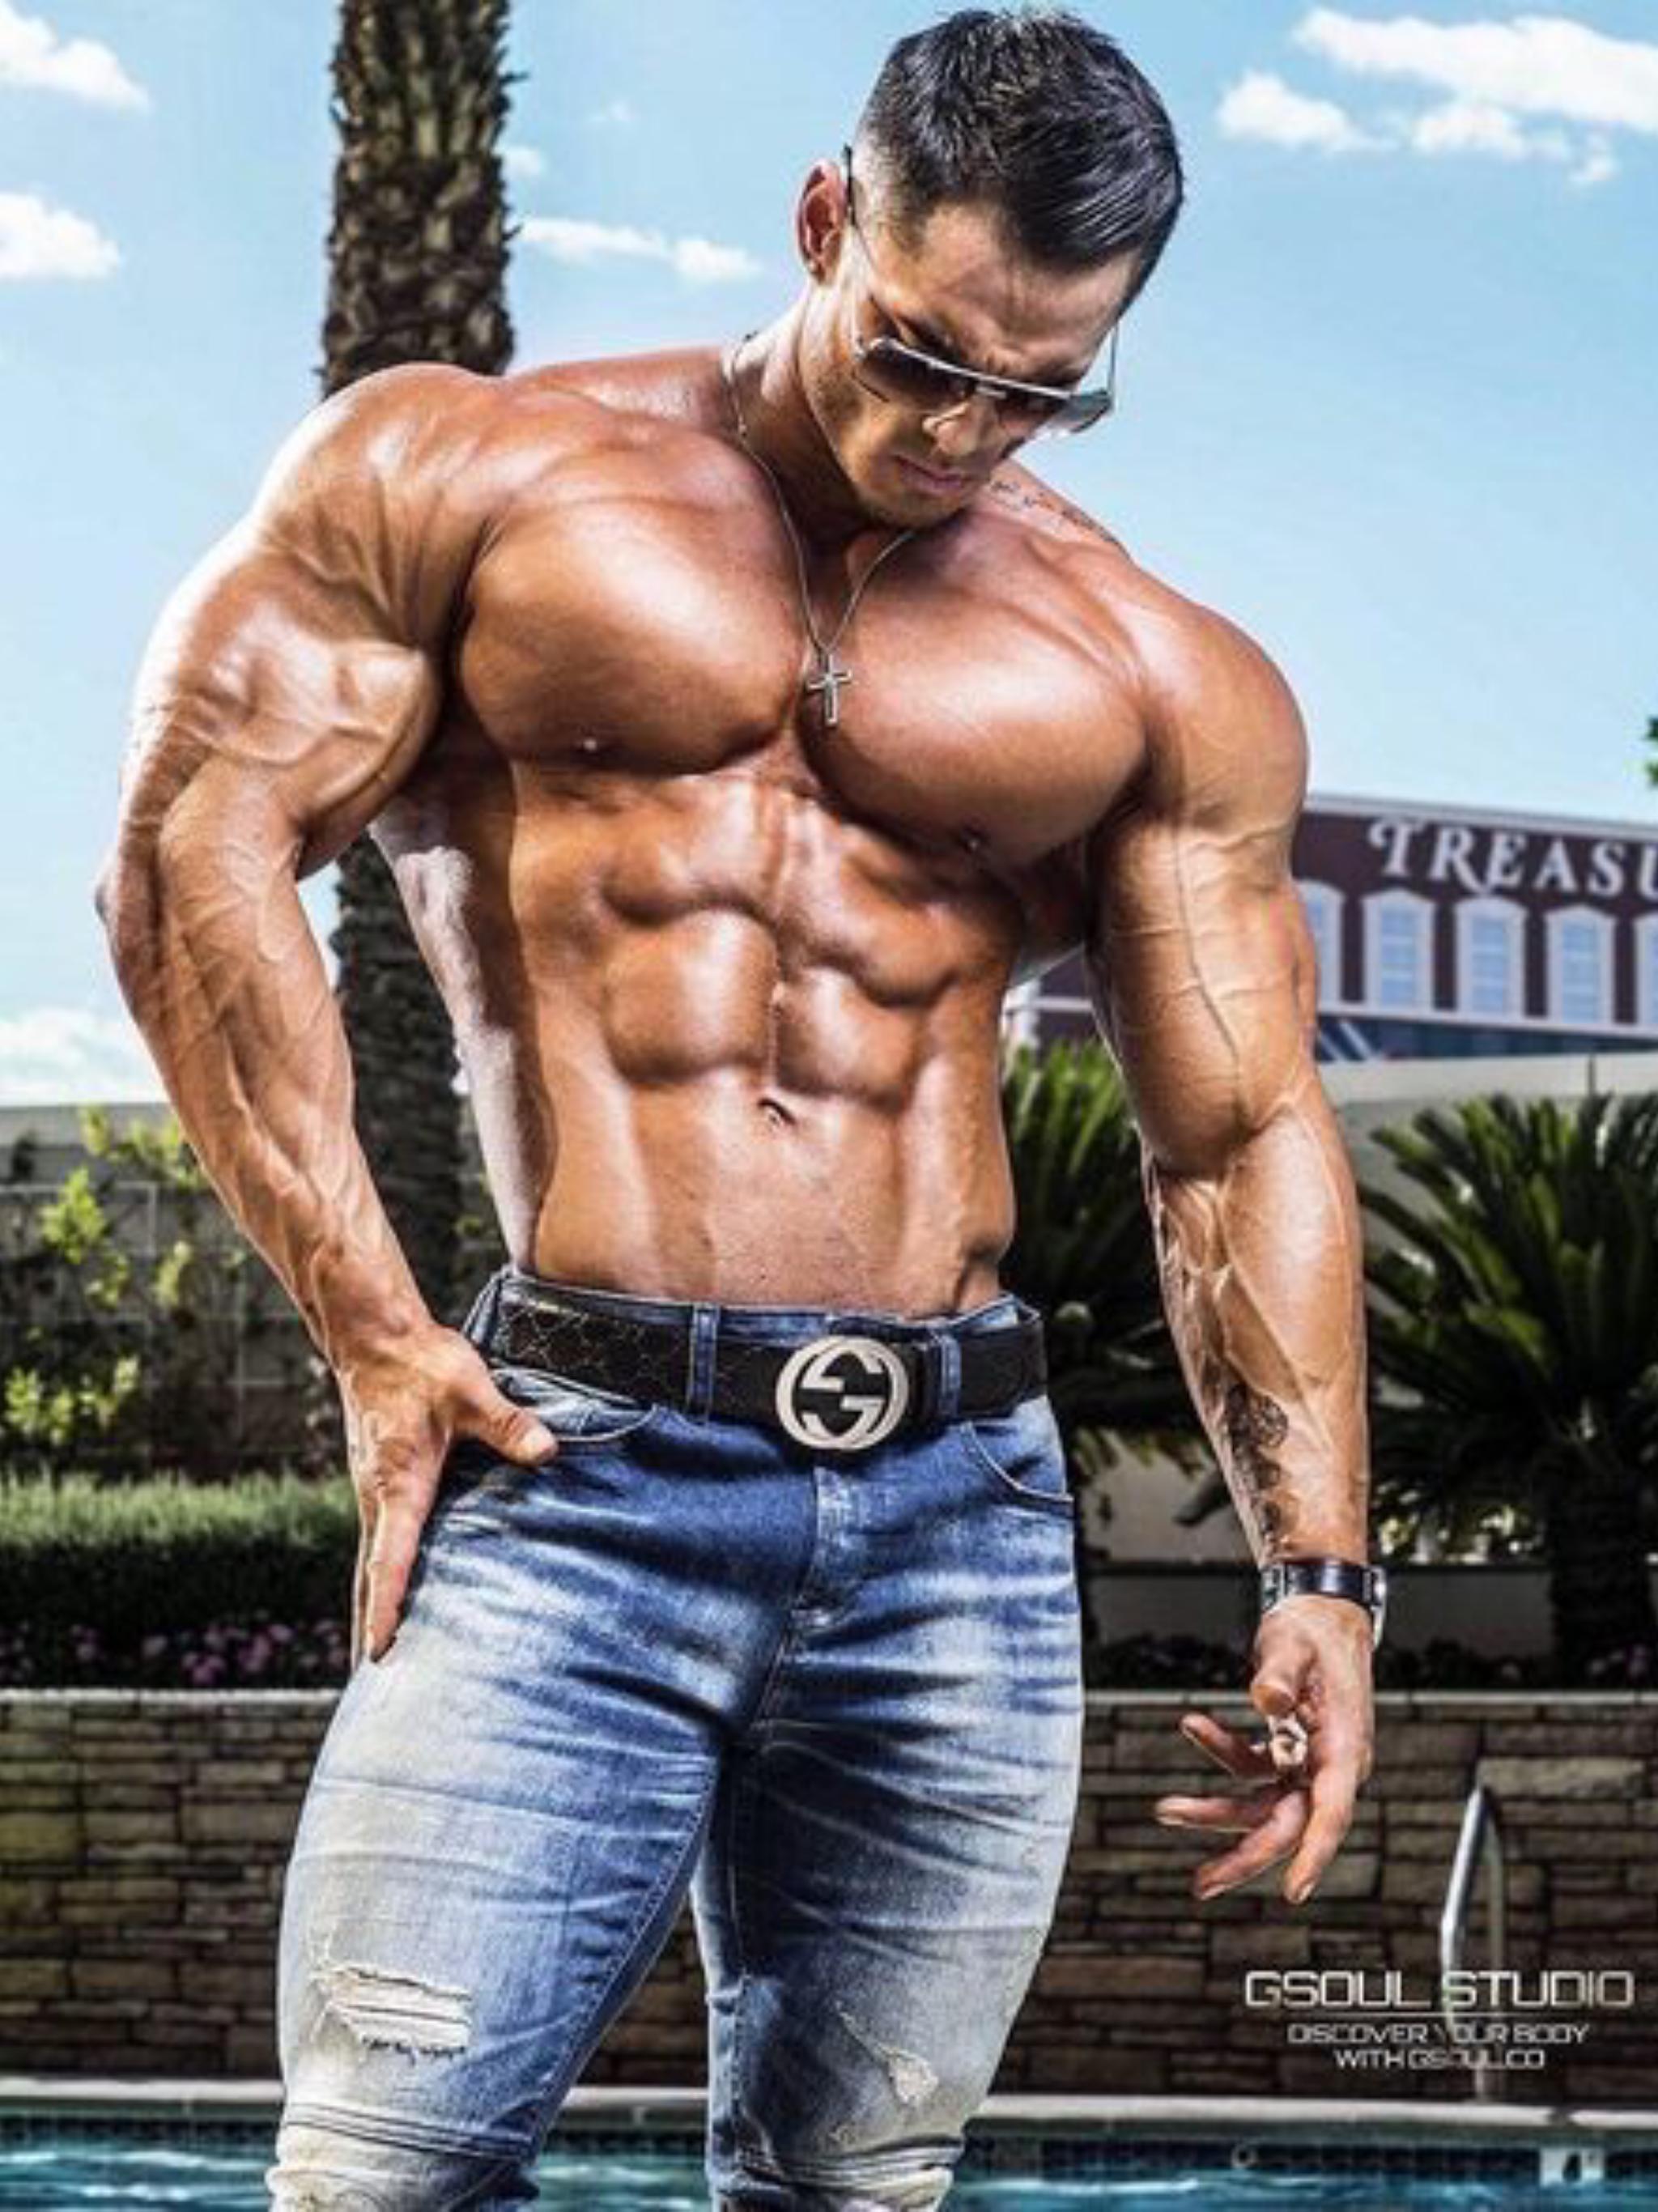 rutina para bajar de peso en el gym hombres desdudos